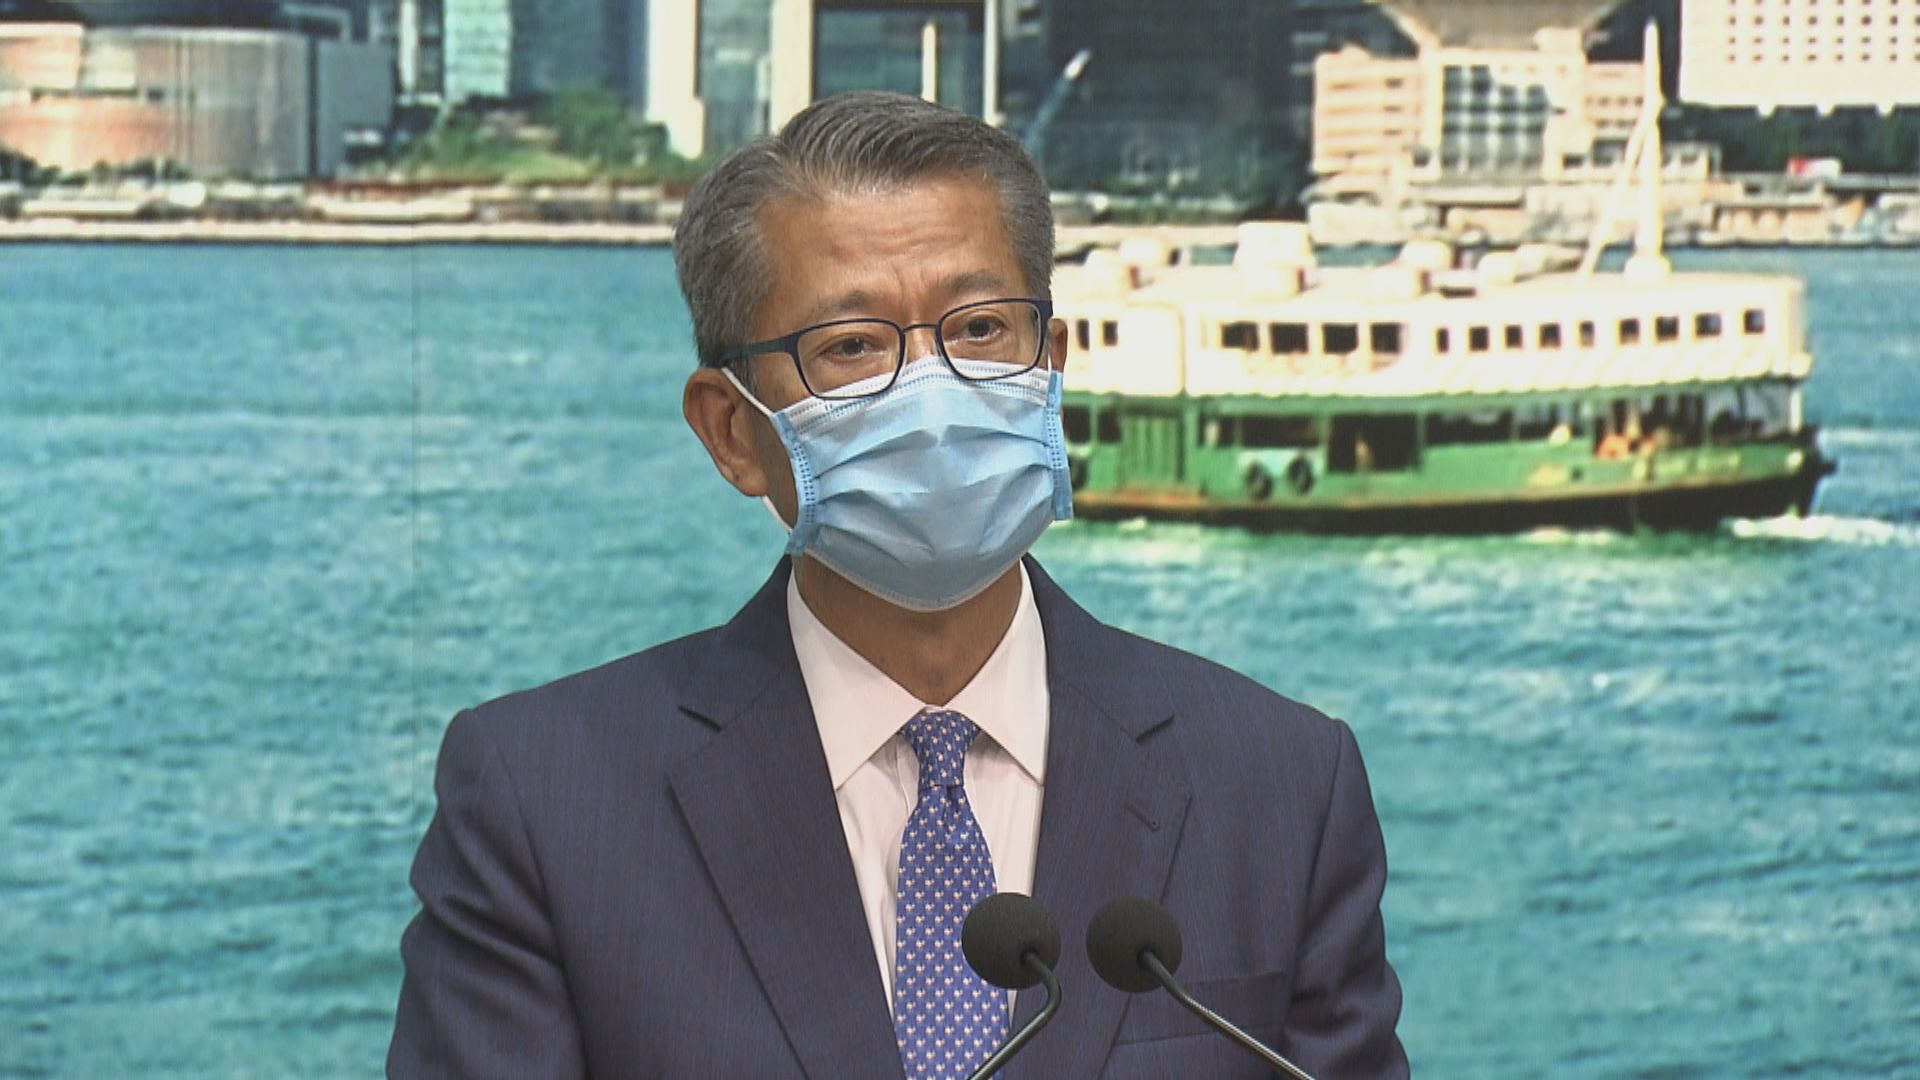 陳茂波:即使次季經濟有改善復甦步伐仍緩慢